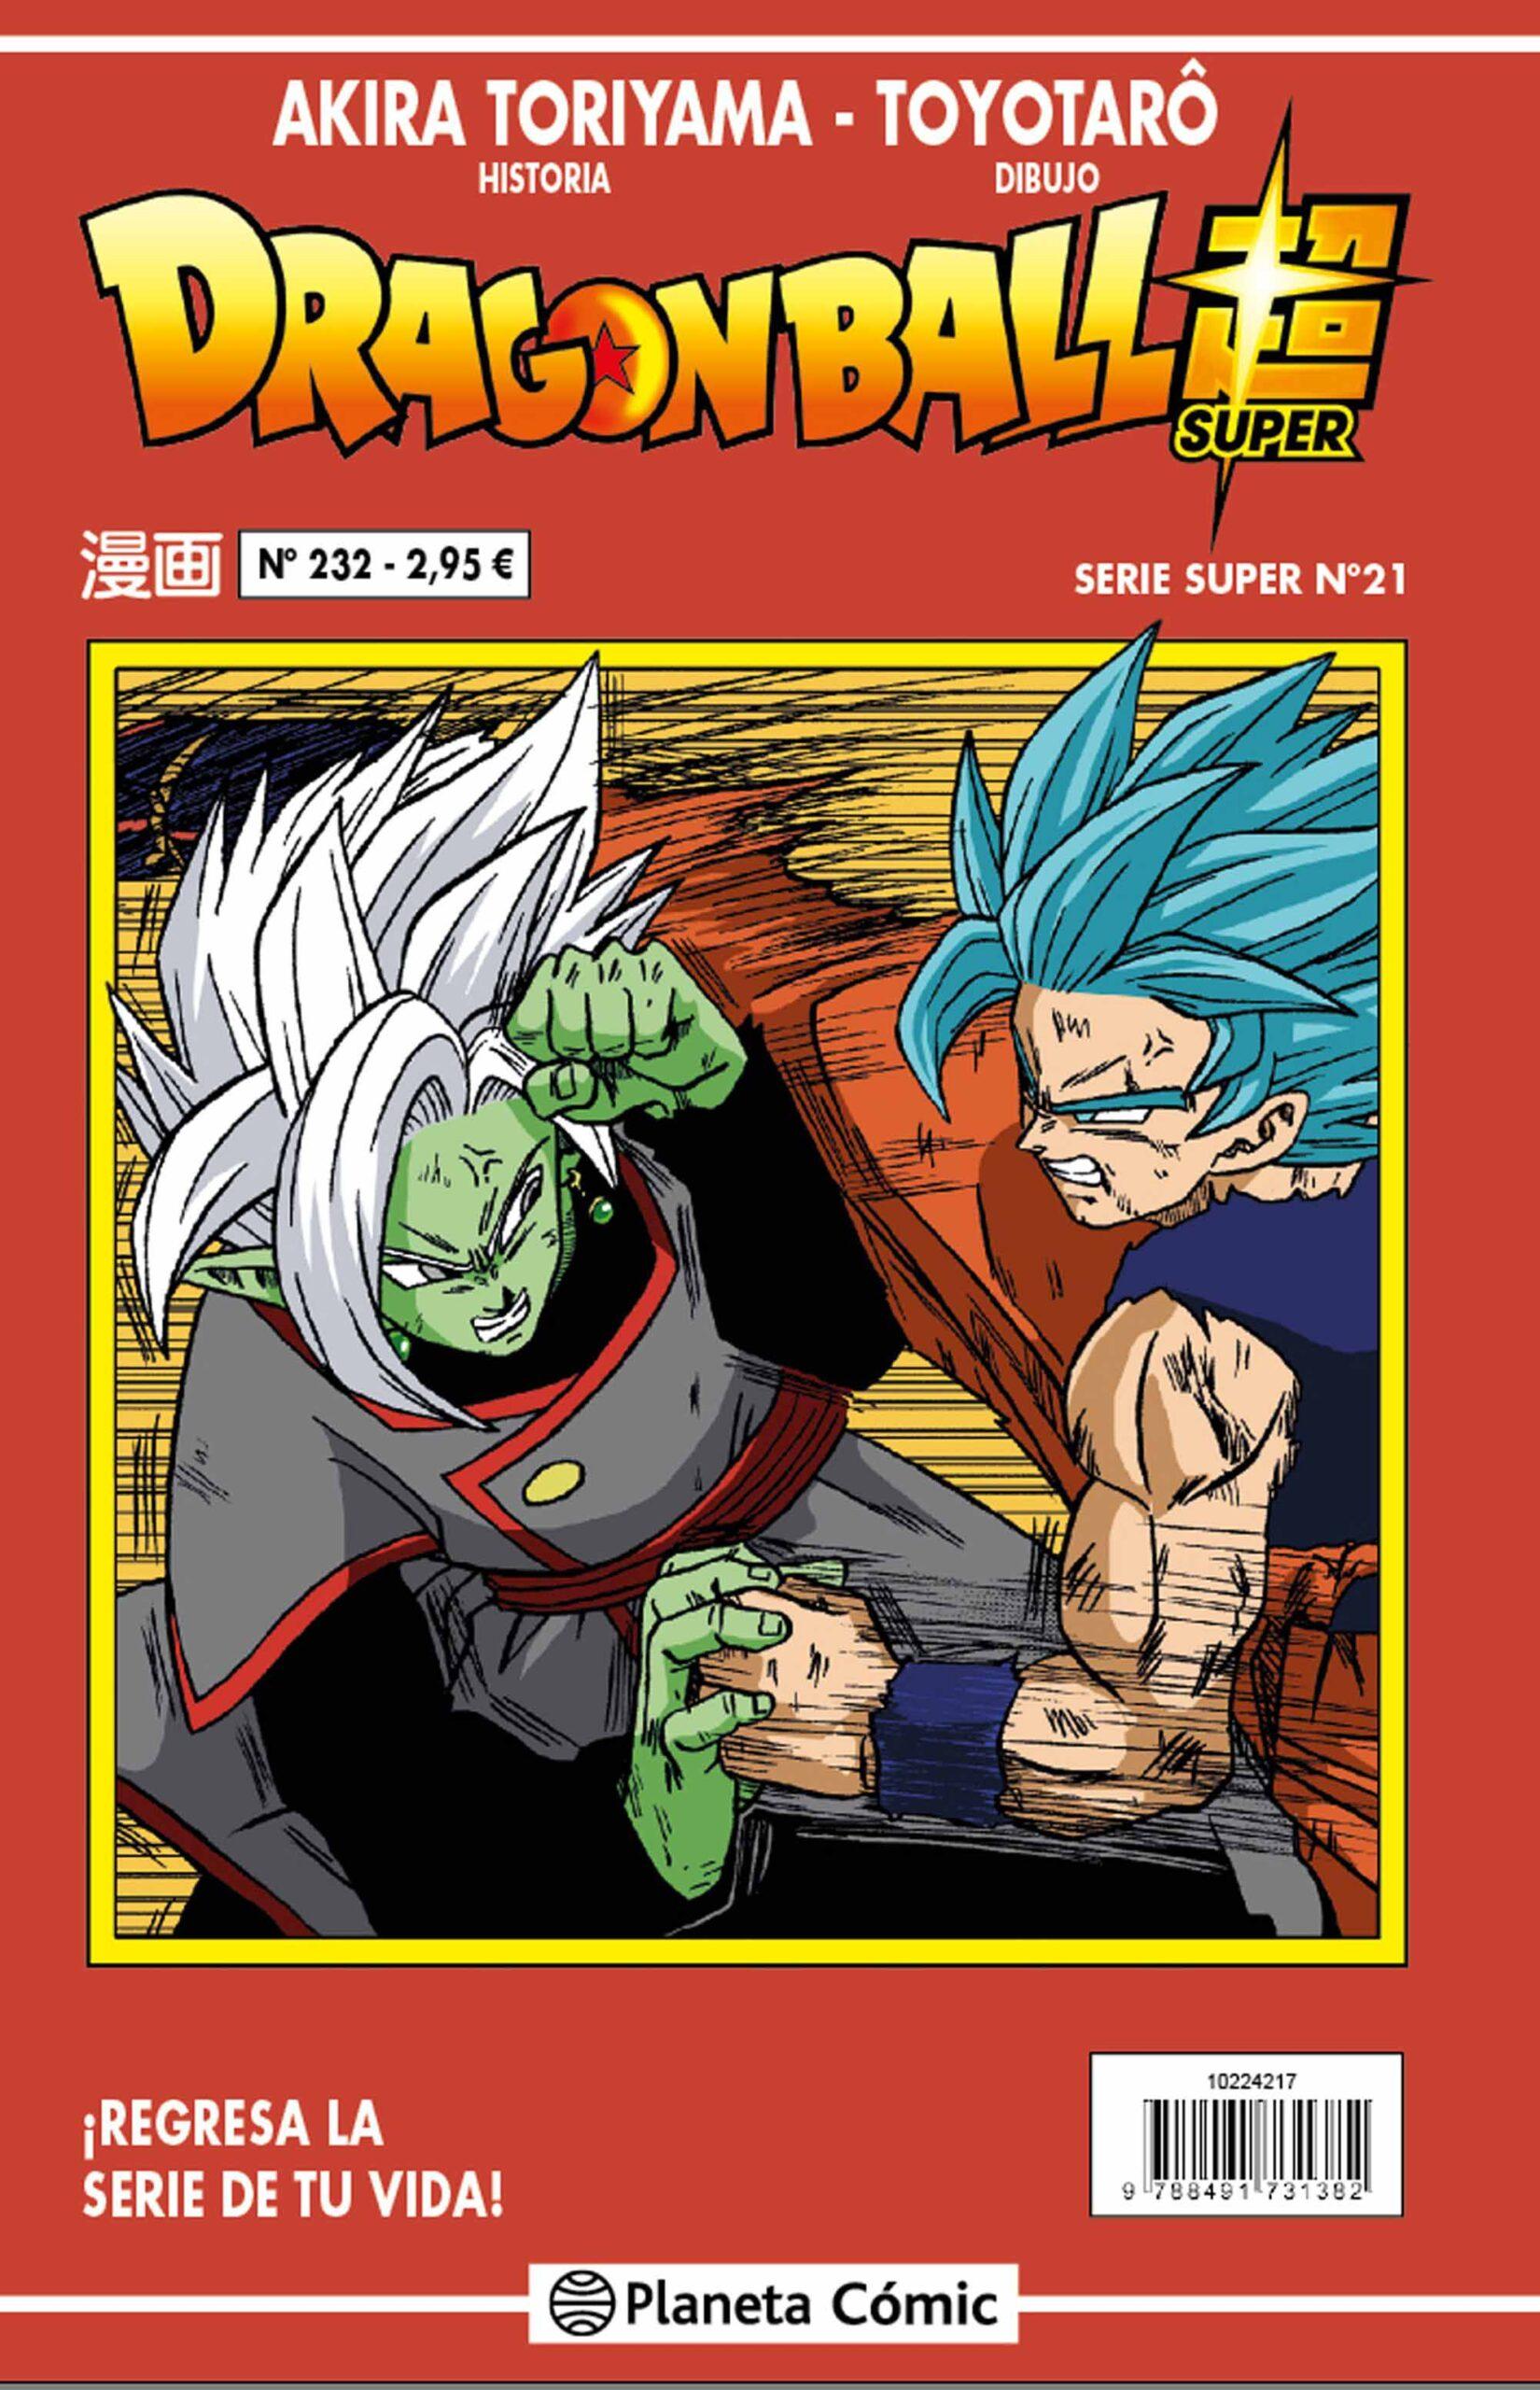 'Dragon Ball Super' nº 21 / nº 232 Serie Roja, reseña del manga